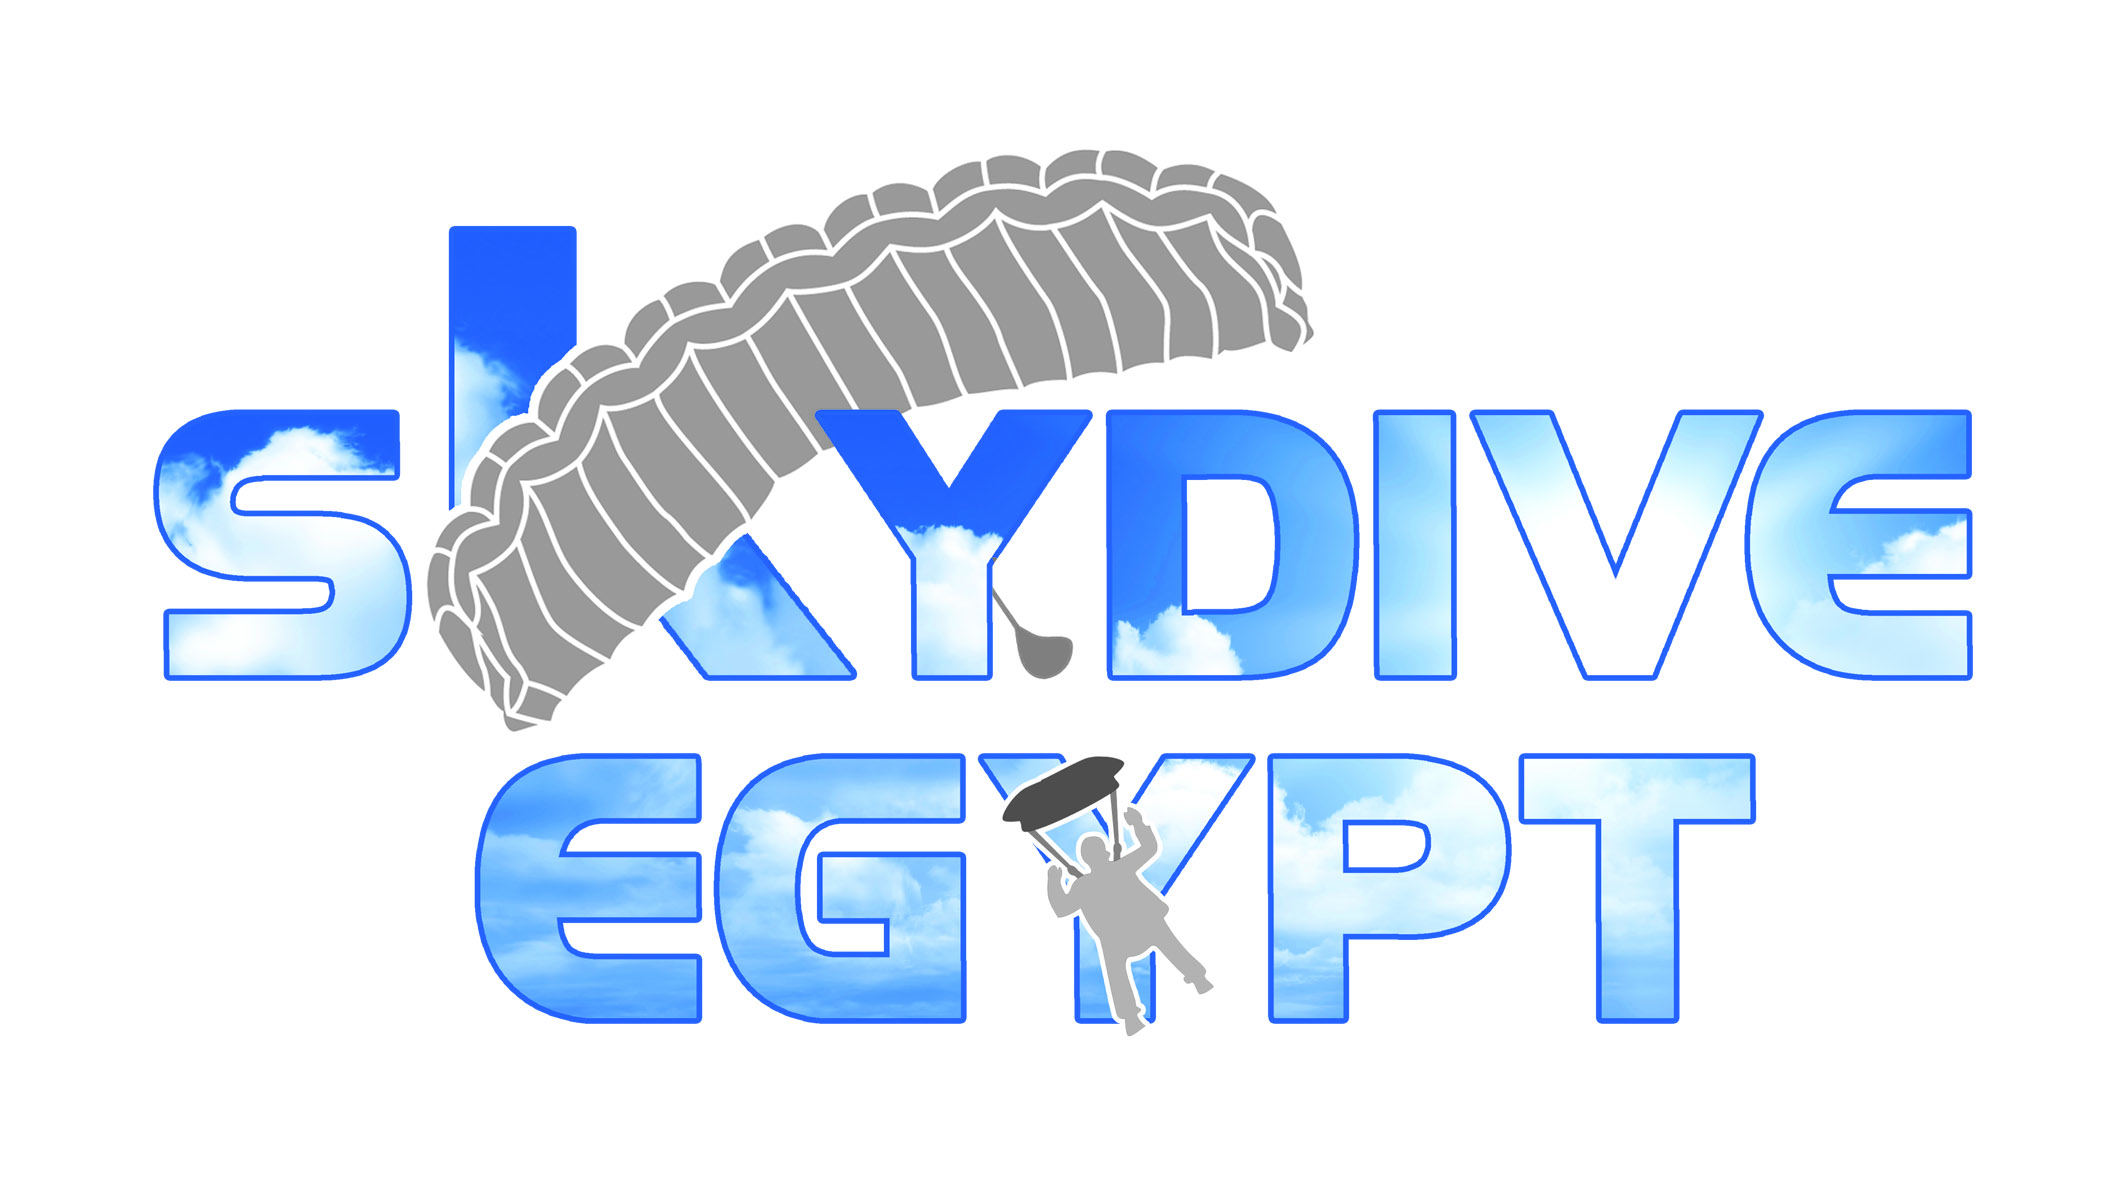 https://secureservercdn.net/198.71.233.44/516.356.myftpupload.com/wp-content/uploads/2019/12/Skydive-Egypt-Logo.jpg?time=1634987080